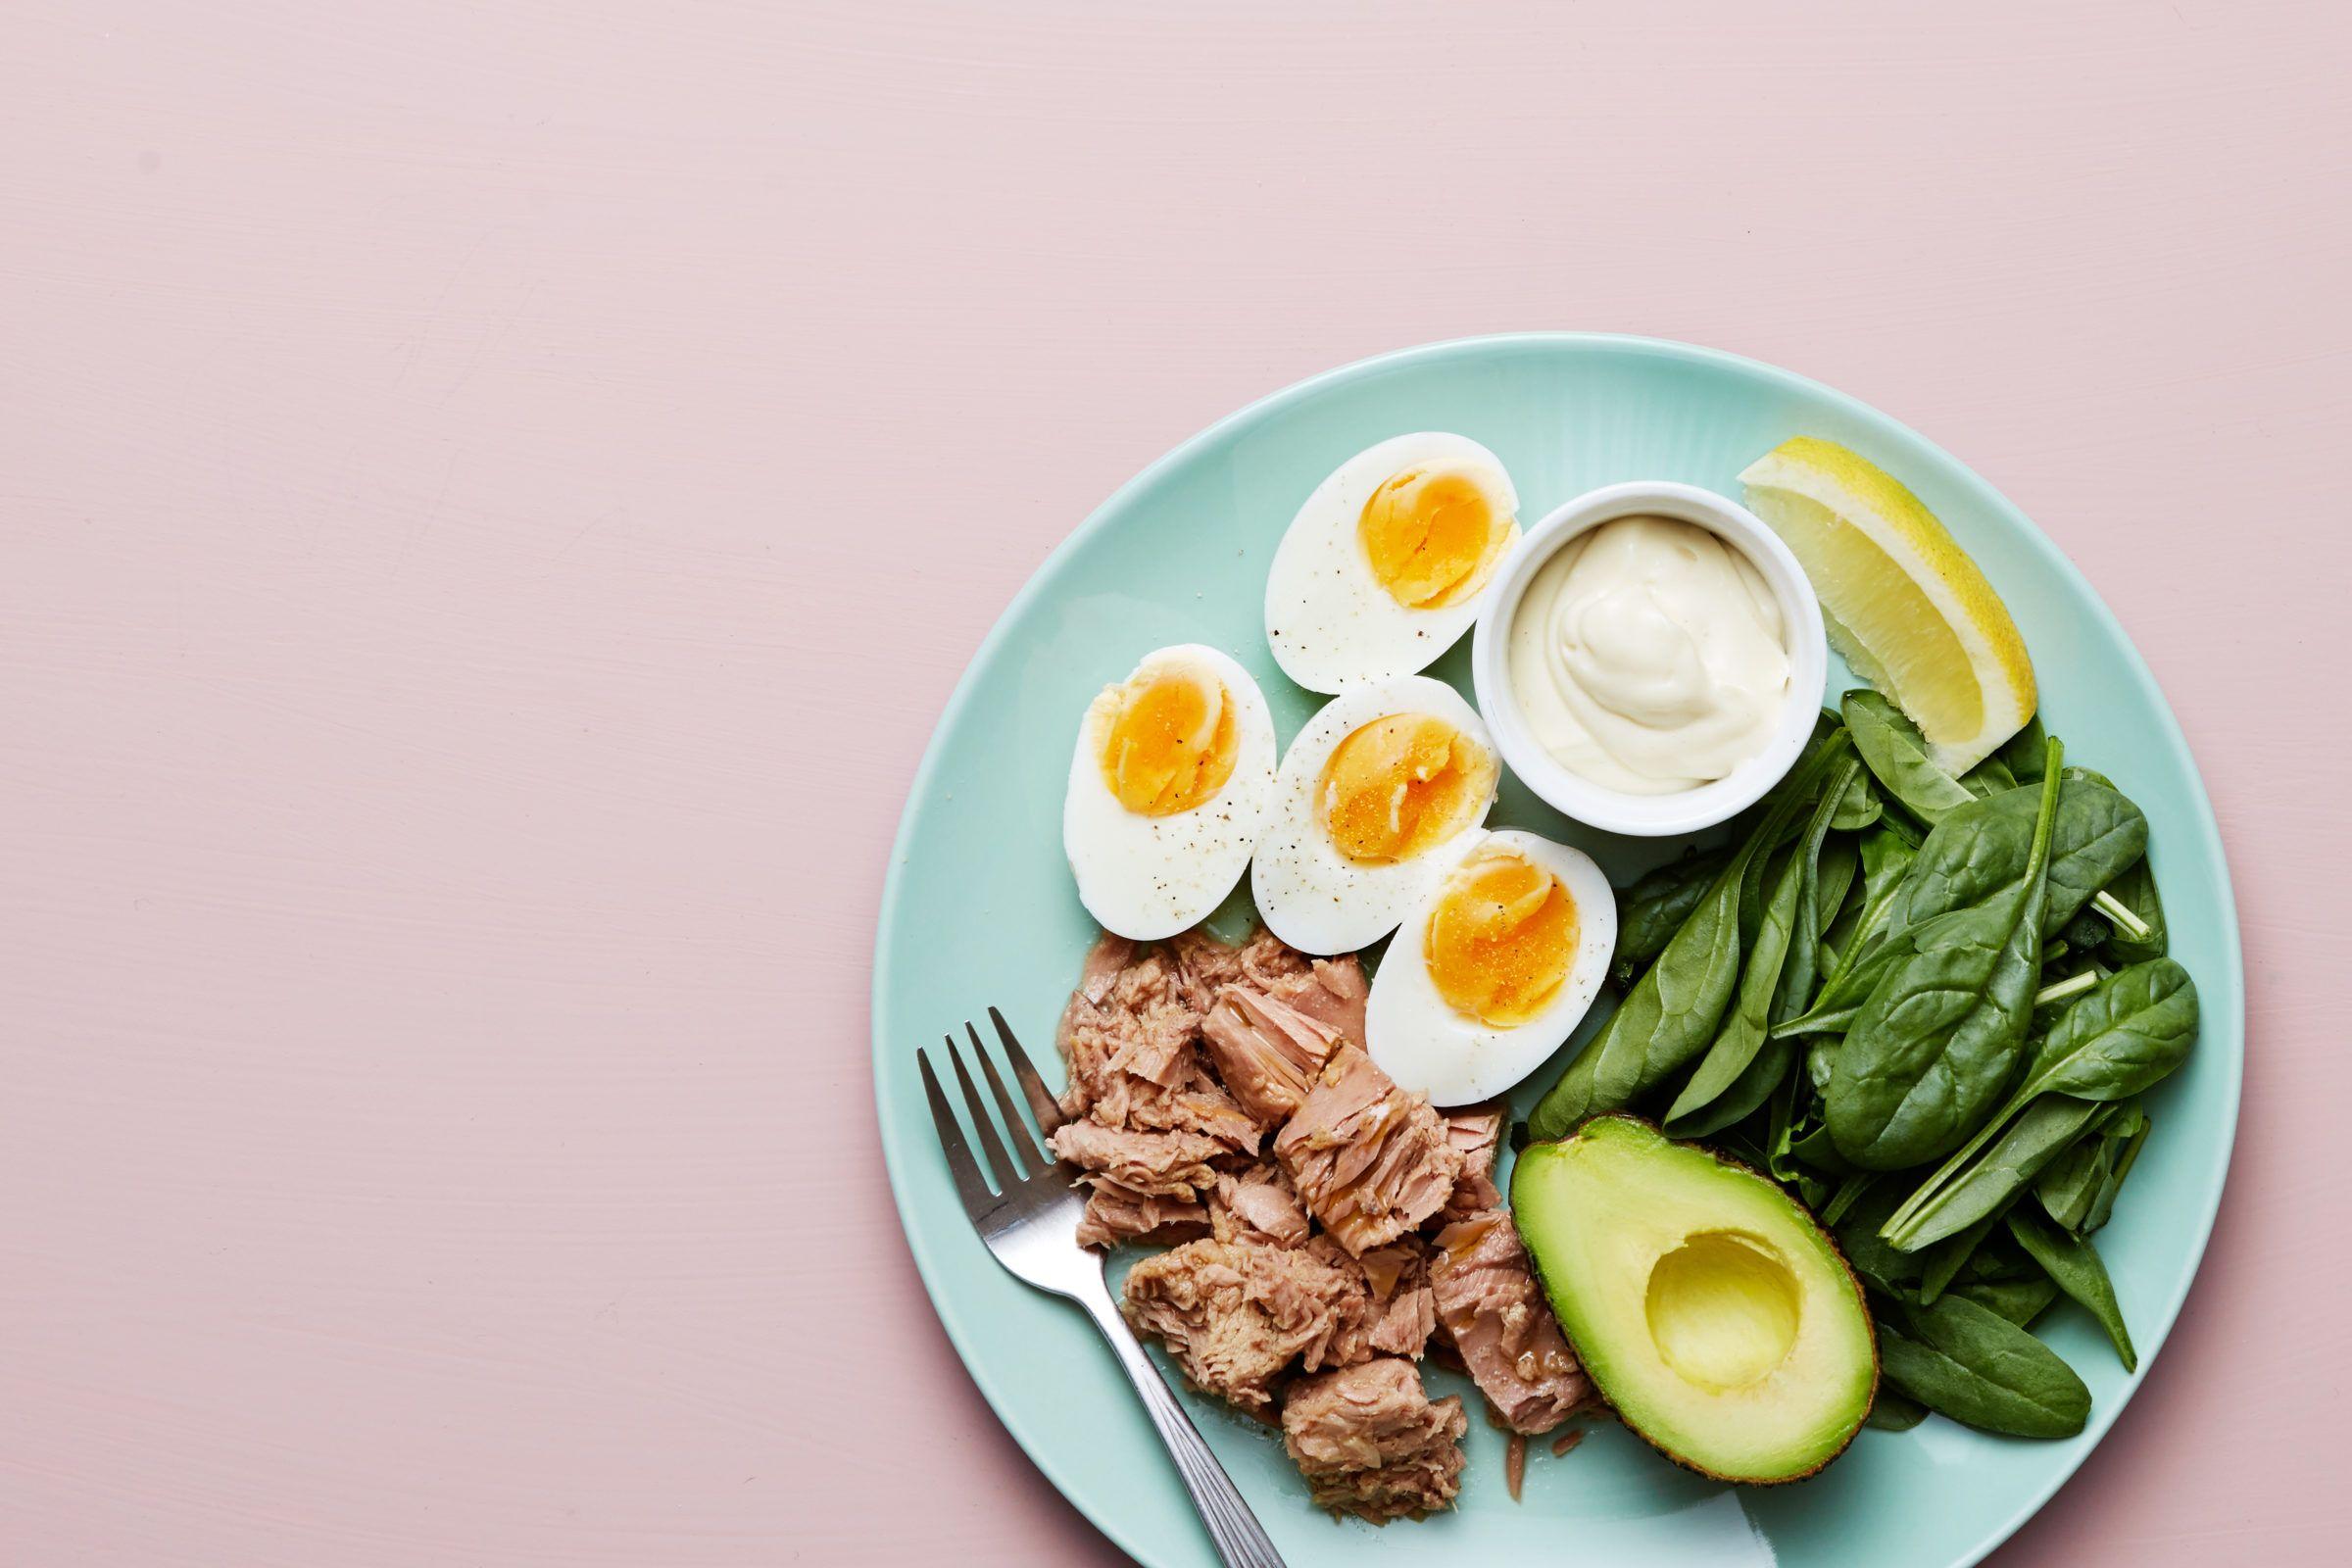 Resultado de imagem para tuna eggs spinach